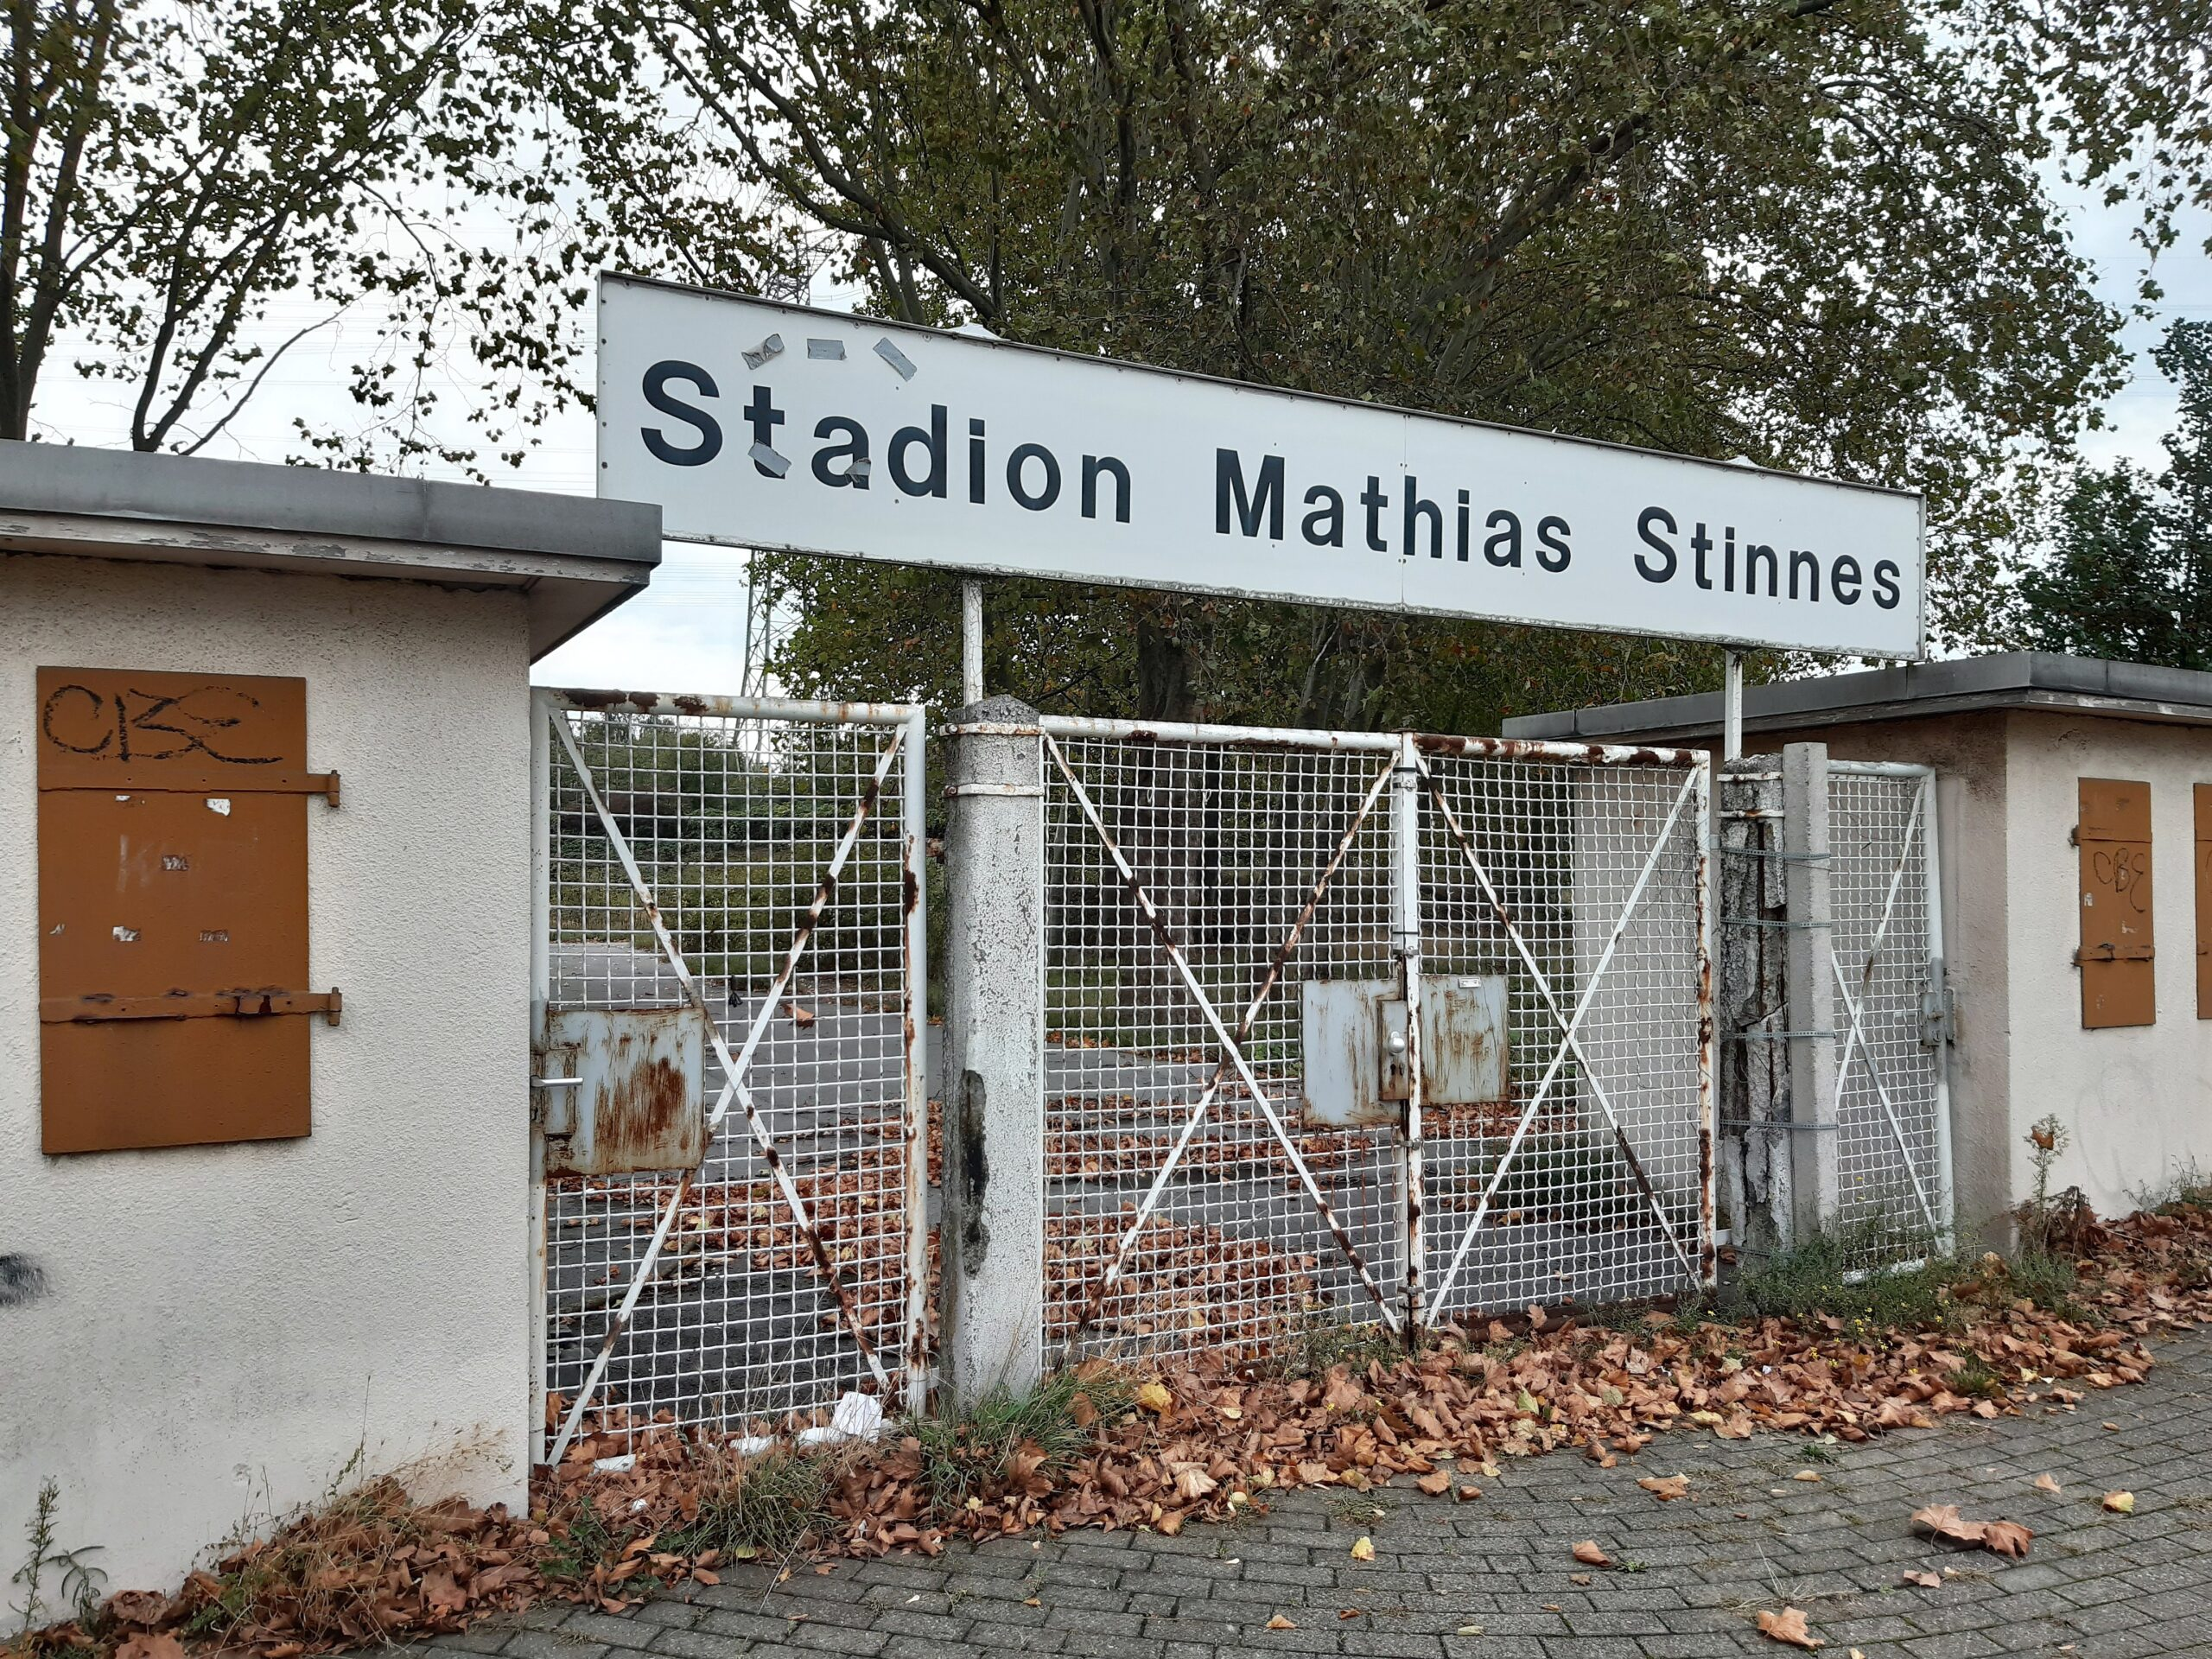 Das Stadion Mathias Stinnes